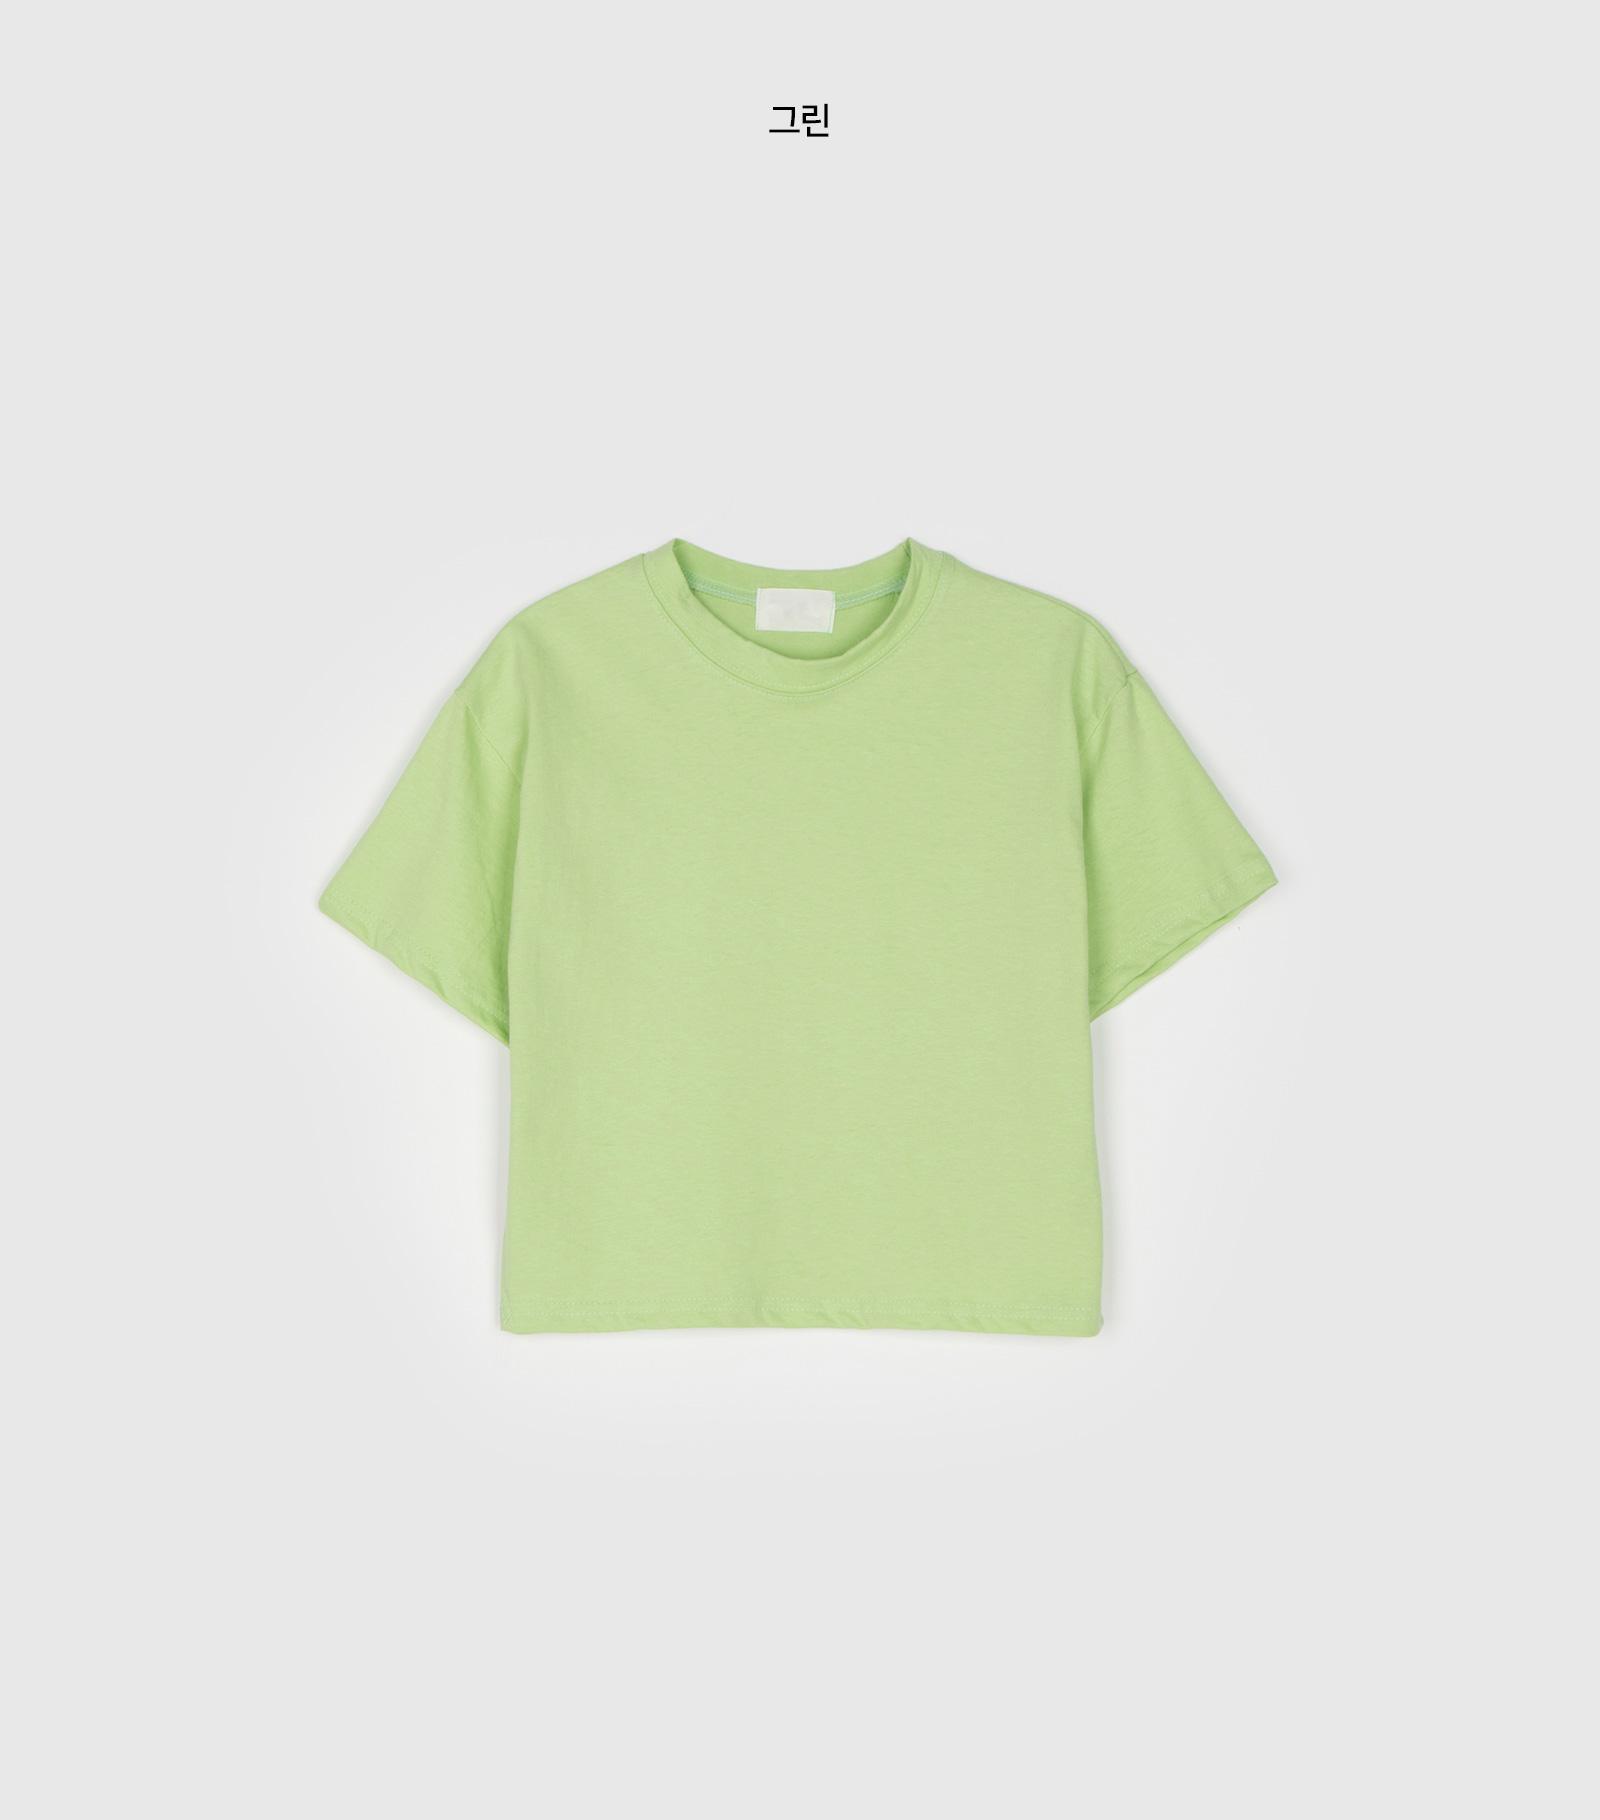 Peak Daily Crop Round Neck T-Shirt